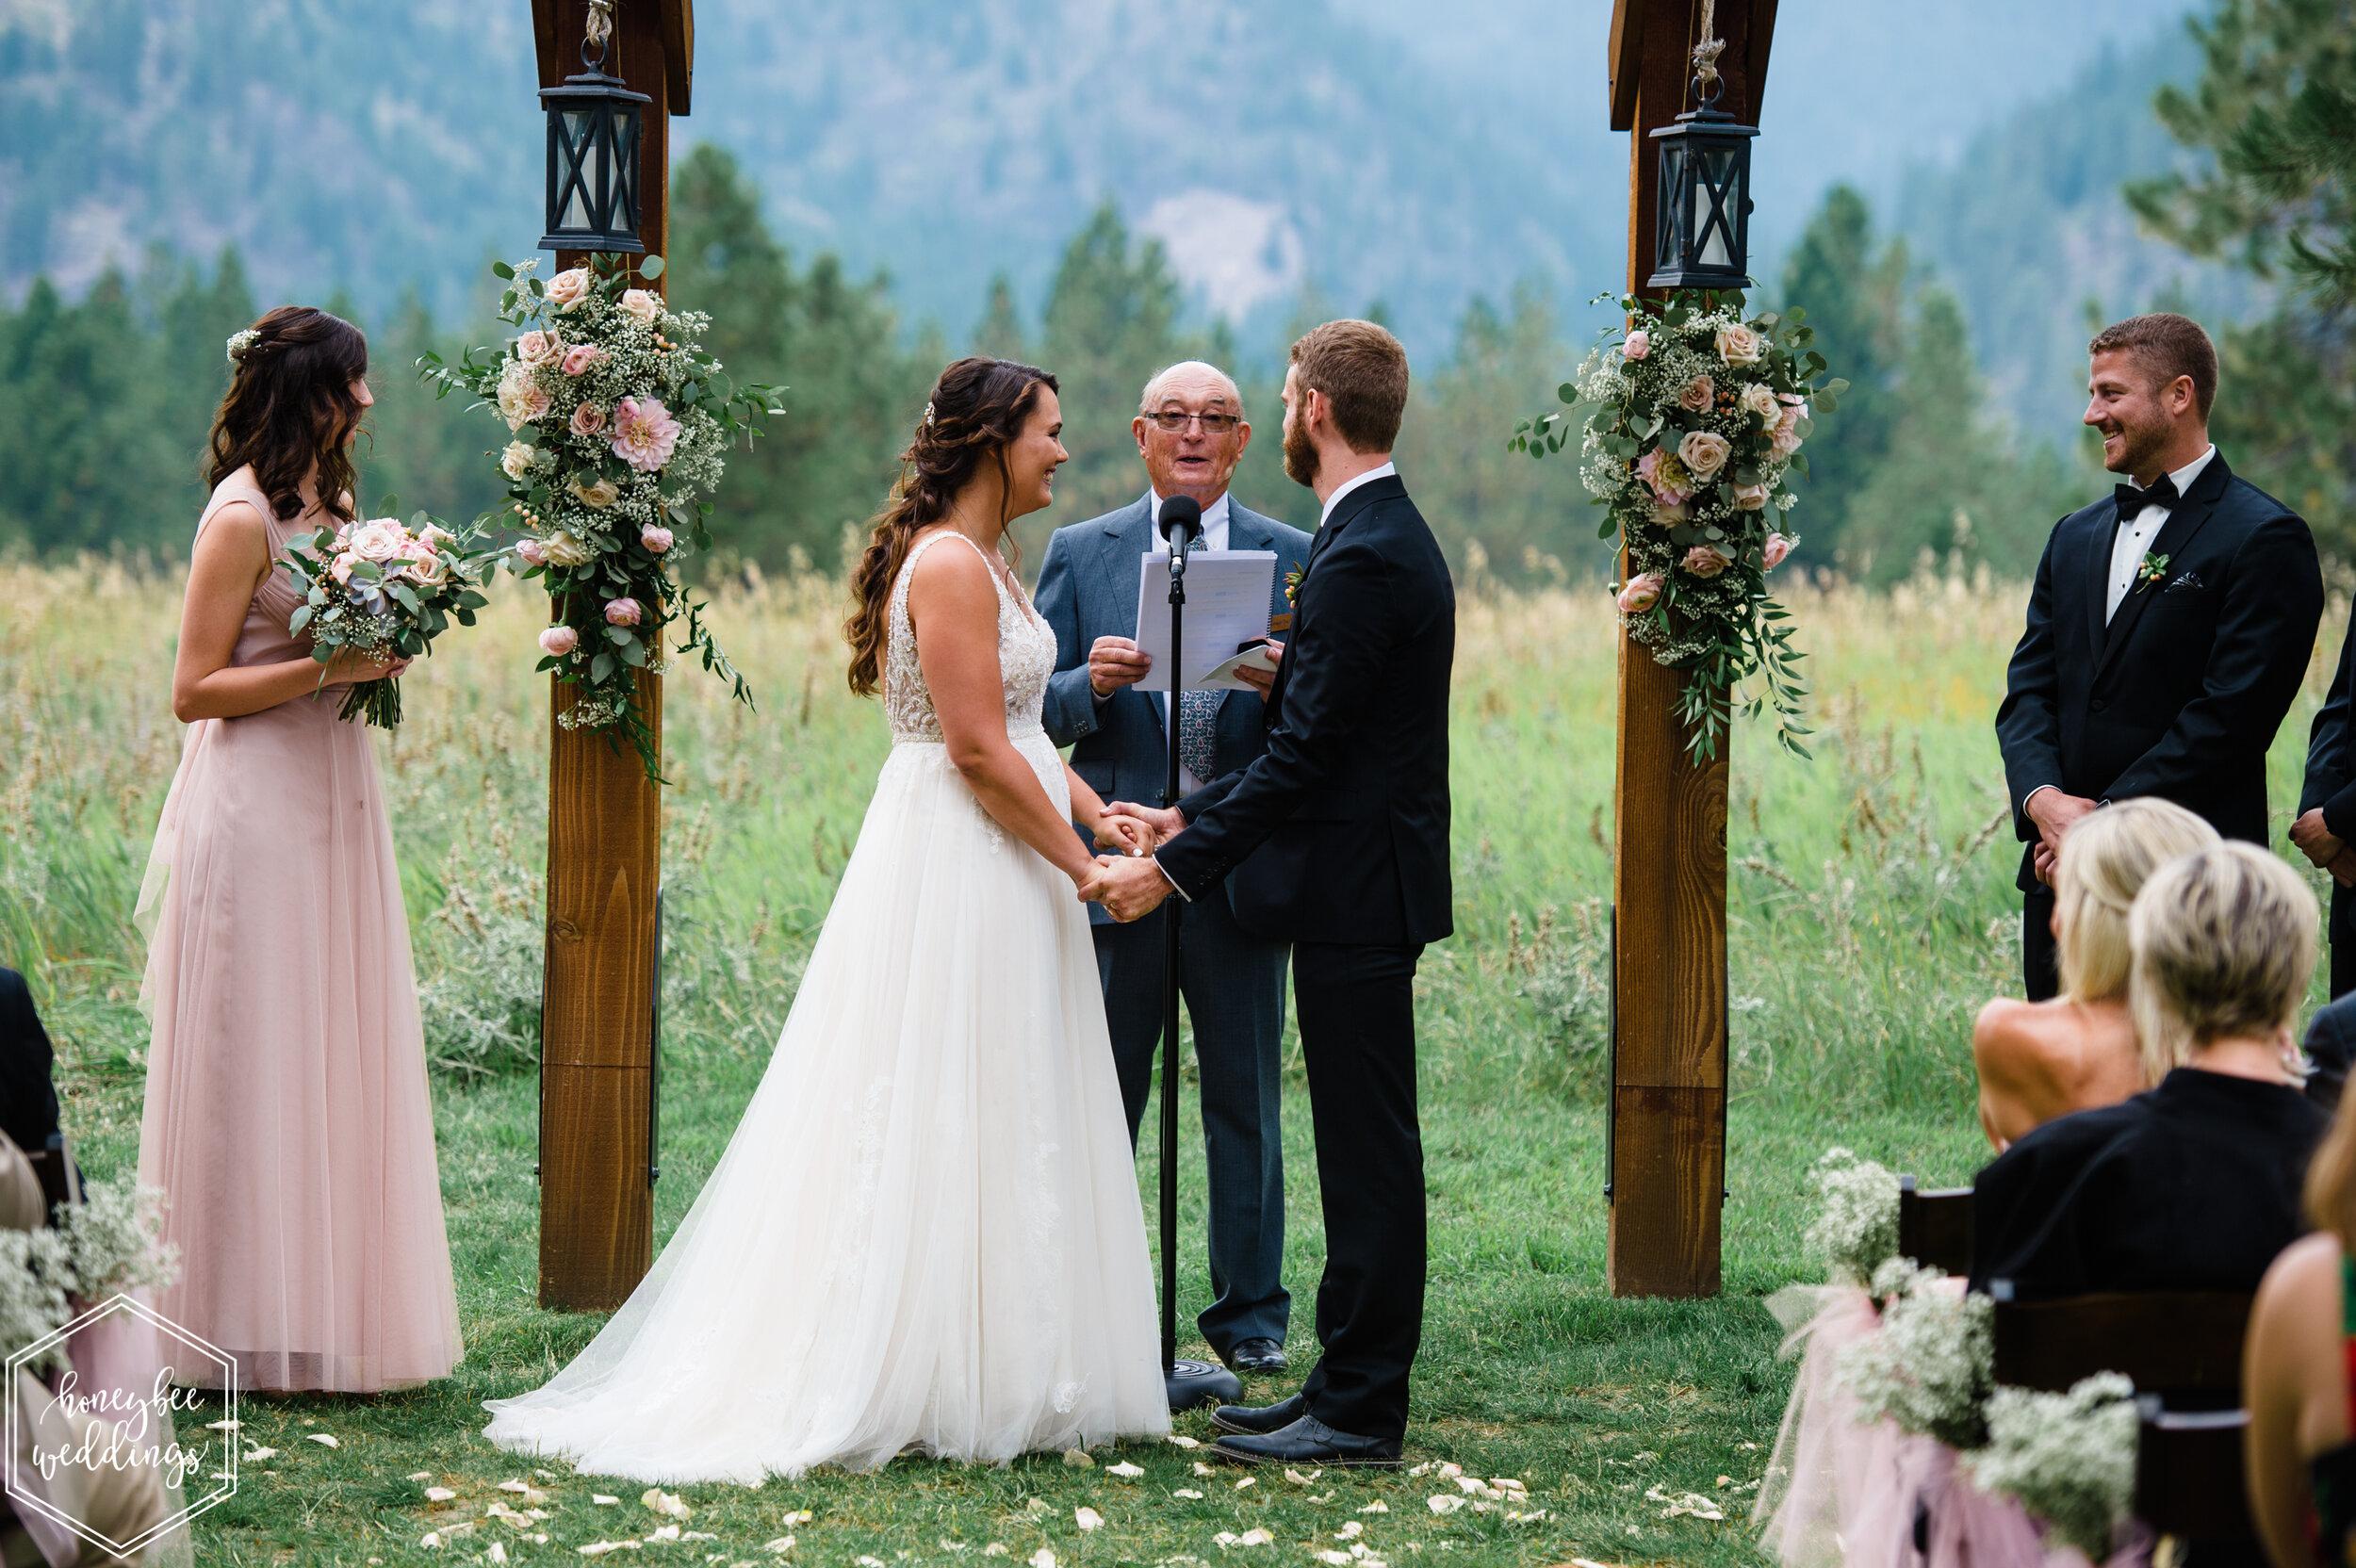 066White Raven Wedding_Montana Wedding Photographer_Corey & Corey_Honeybee Weddings_September 06, 2019-541.jpg